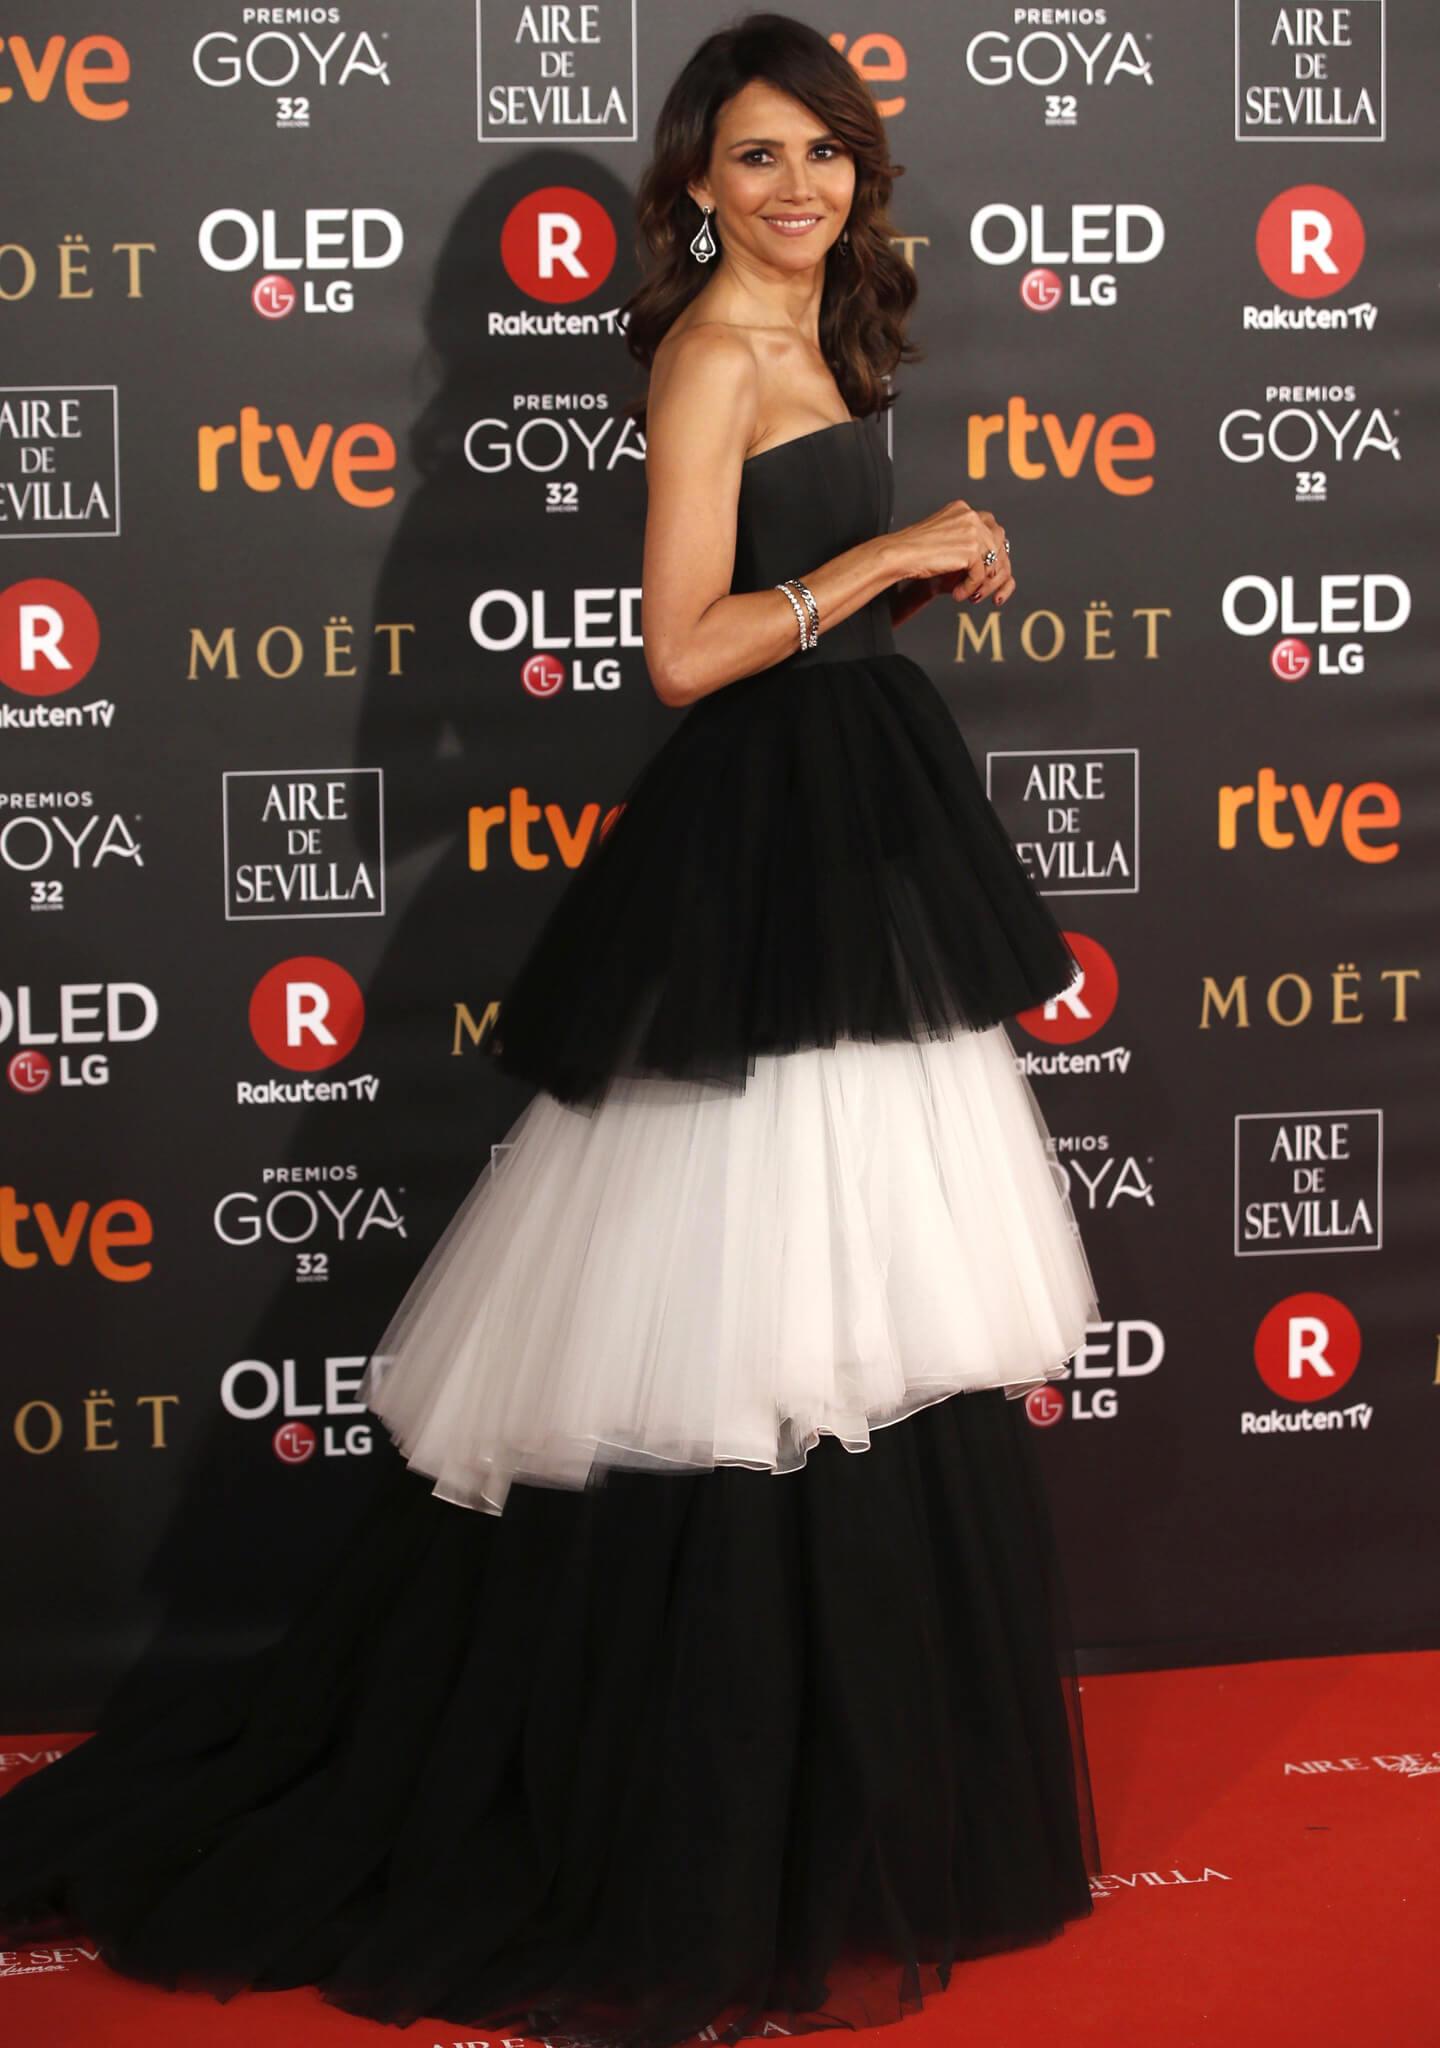 La actriz Goya Toledo